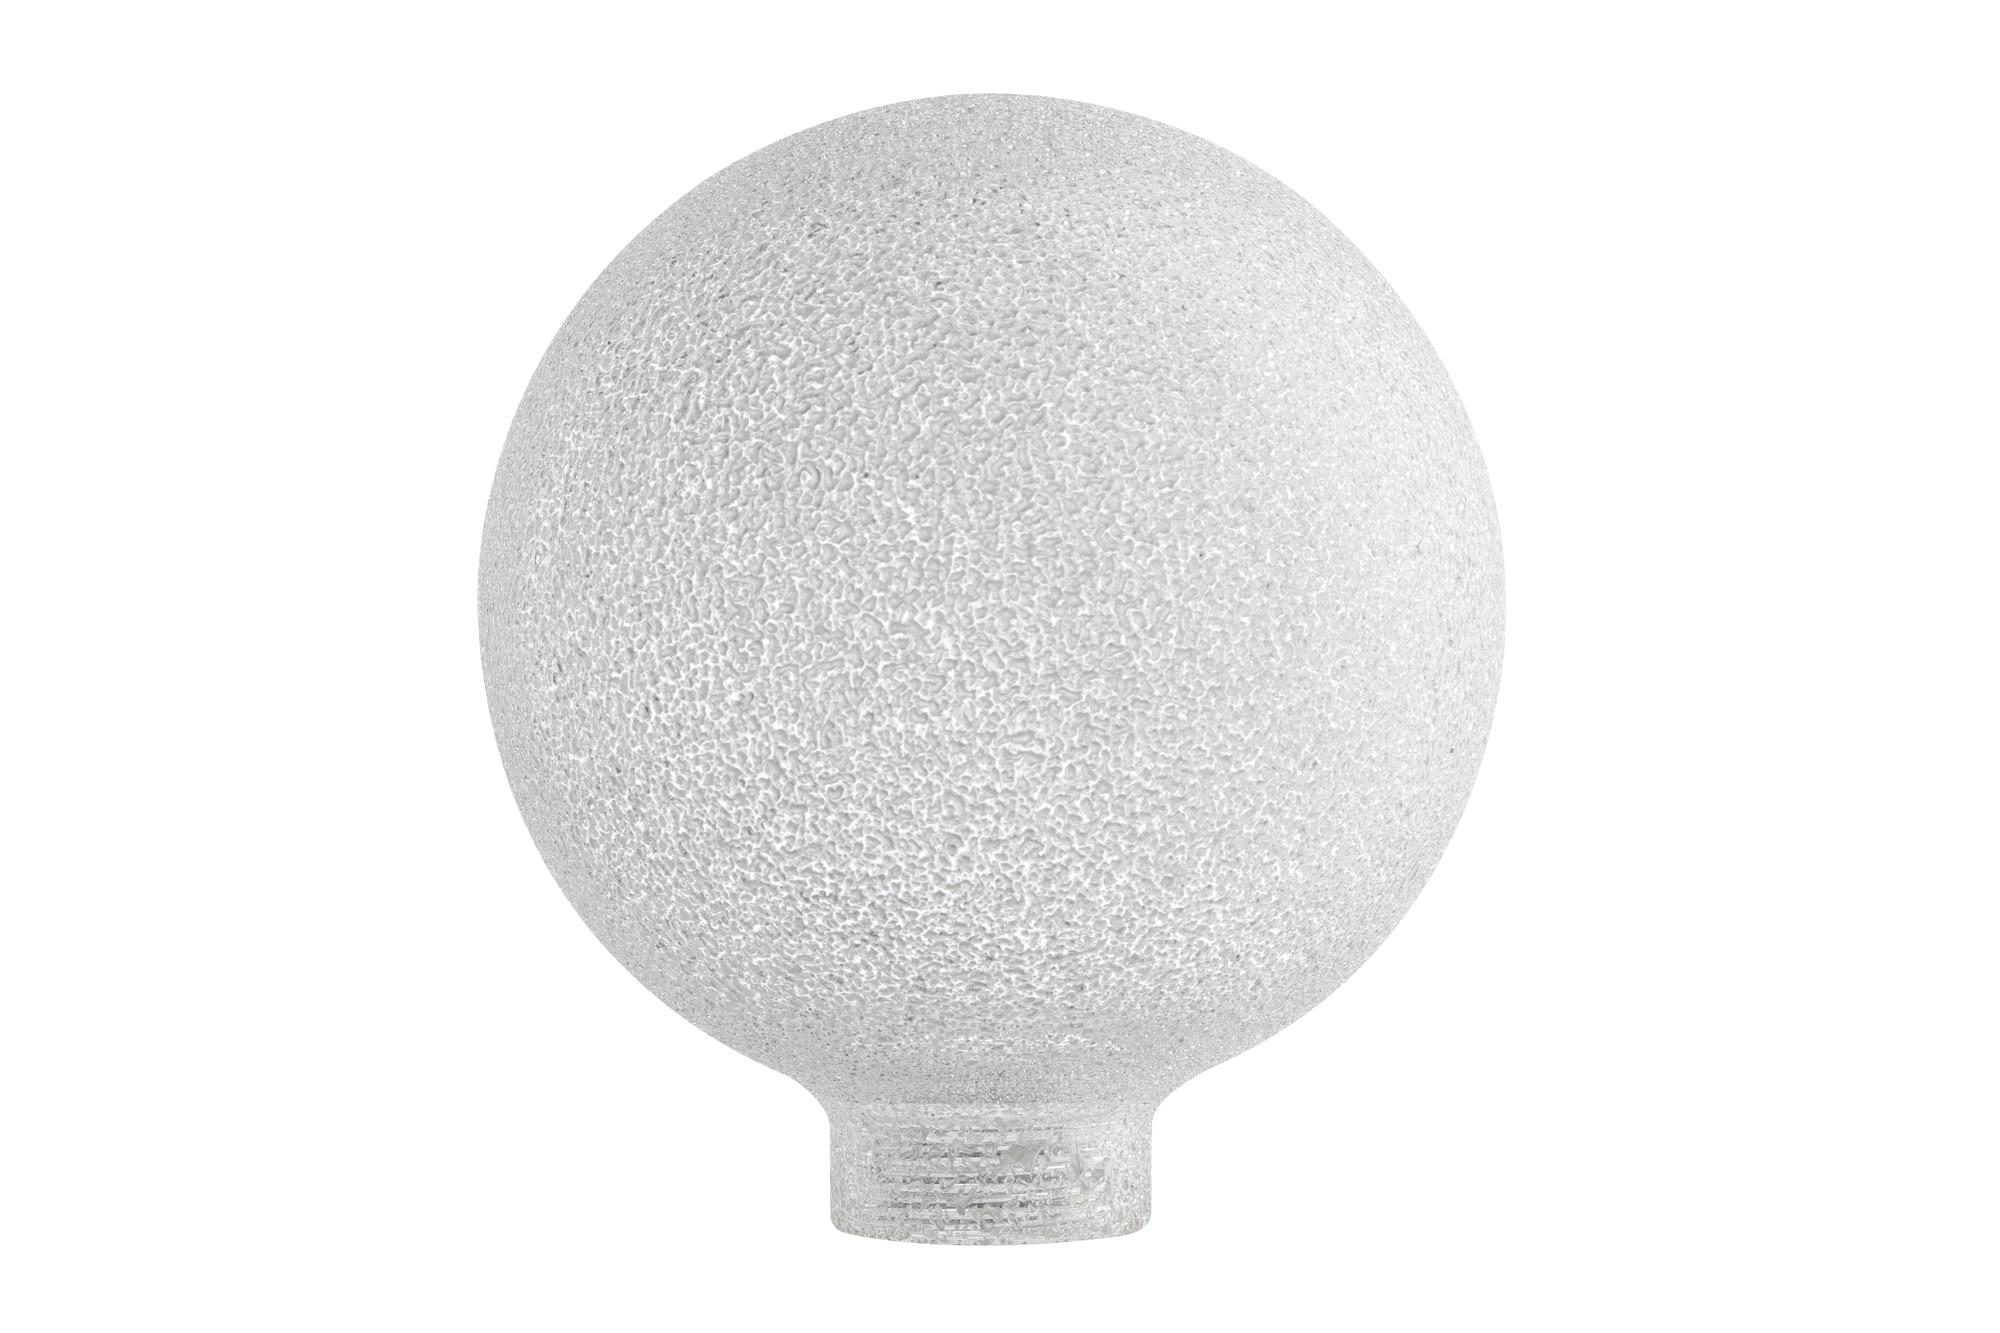 Paulmann. 87586 Плафон Globe 80 Minihalogen Eiskristall kl